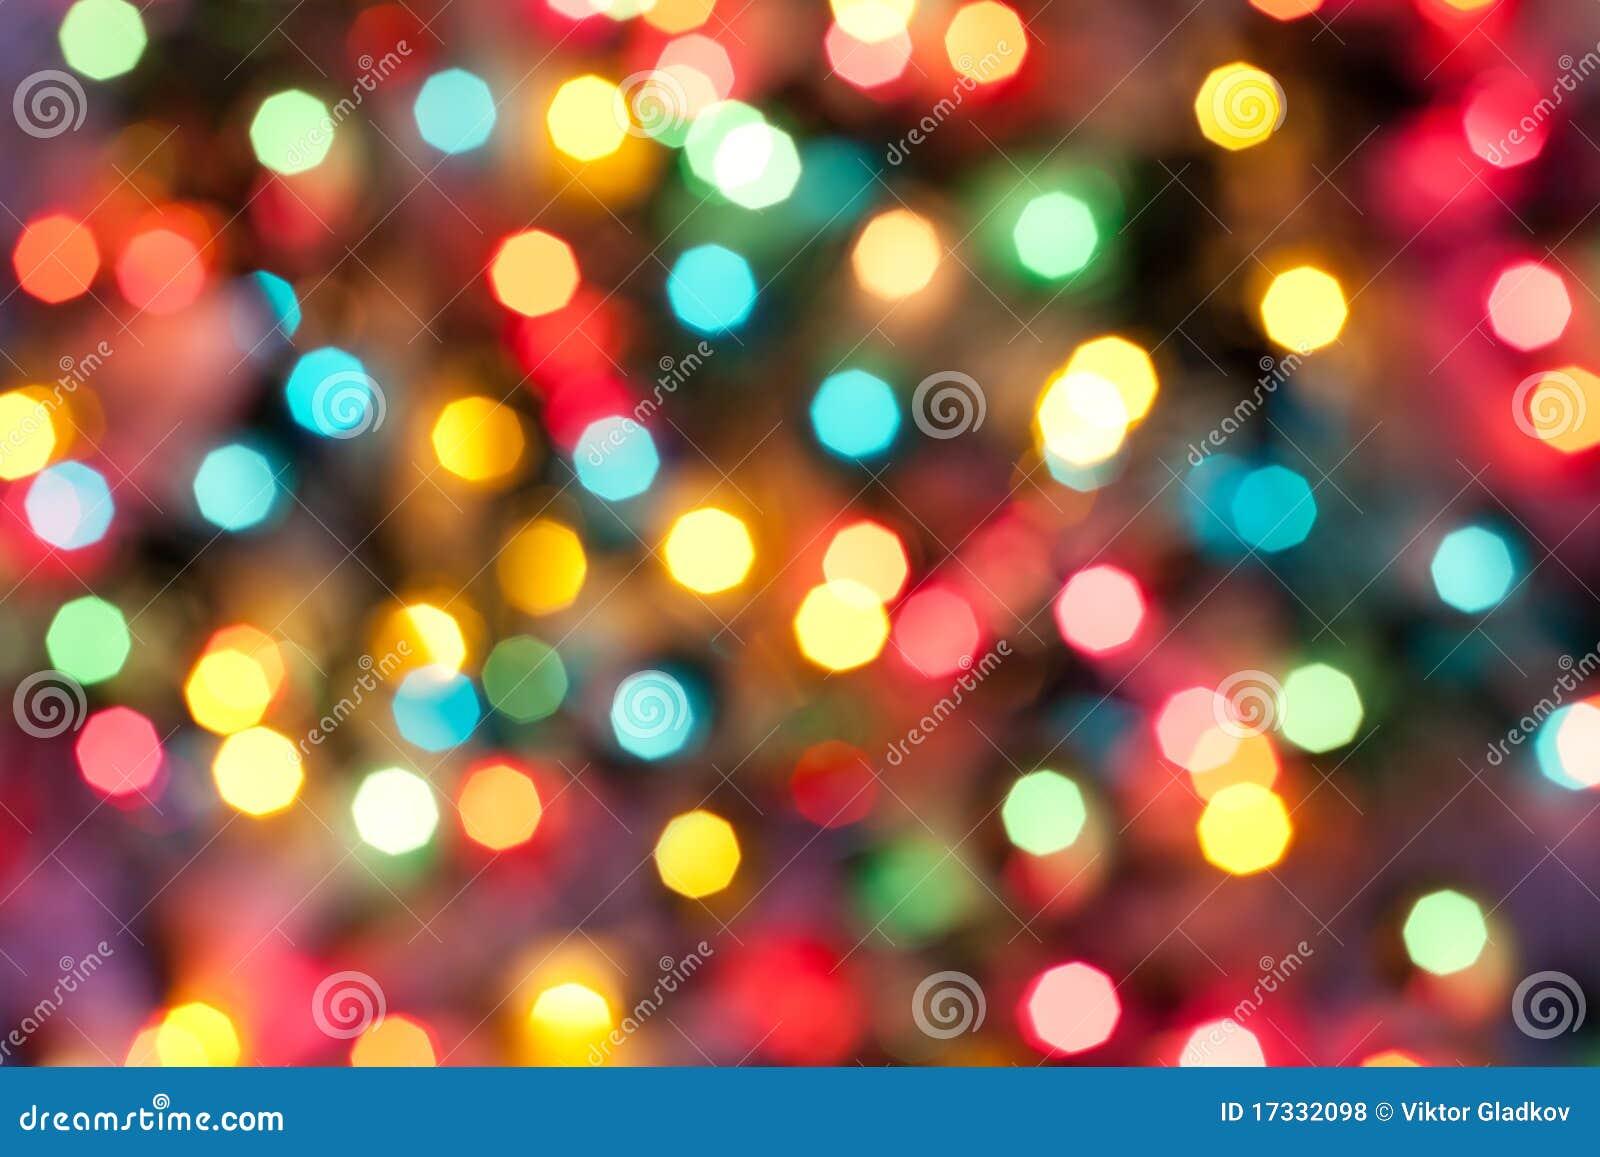 Color Christmas abstract lights